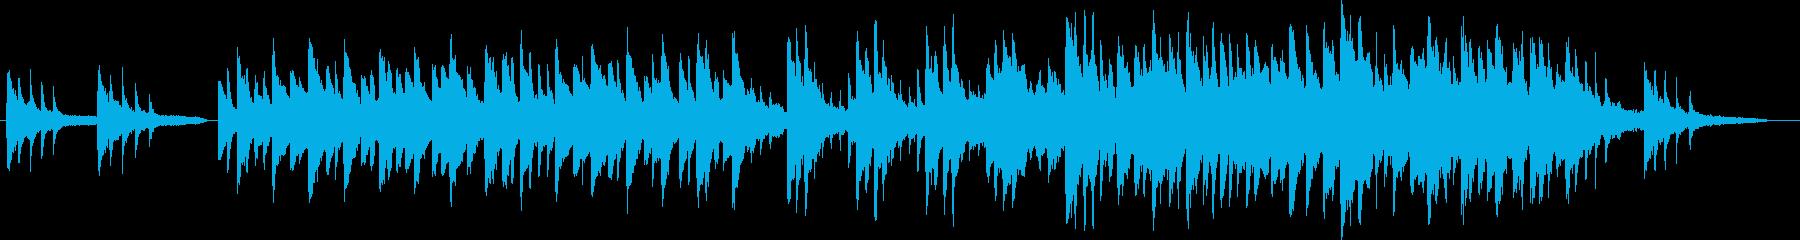 切ない旋律のピアノの再生済みの波形